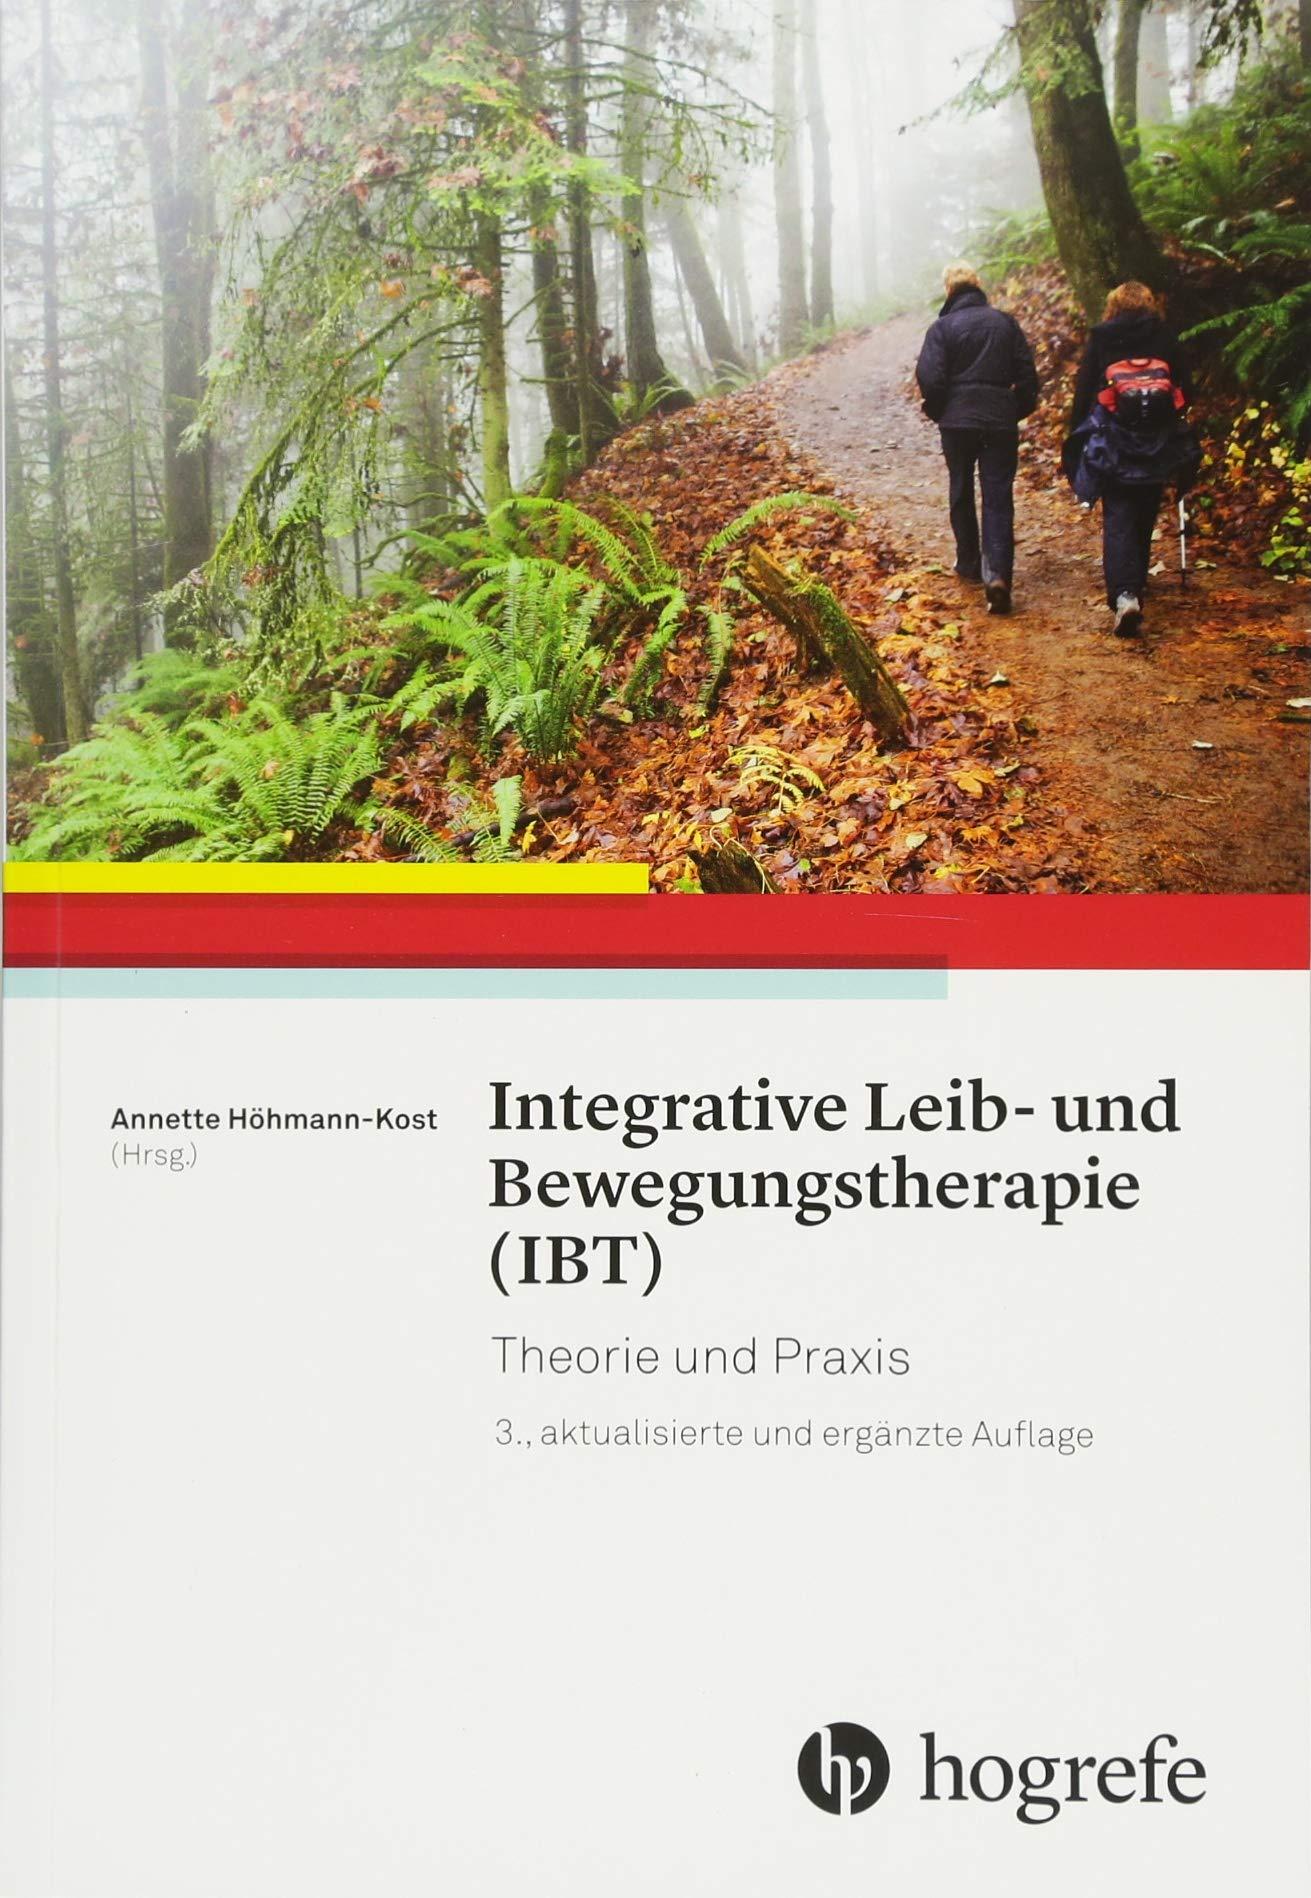 Integrative Leib– und Bewegungstherapie (IBT): Theorie und Praxis